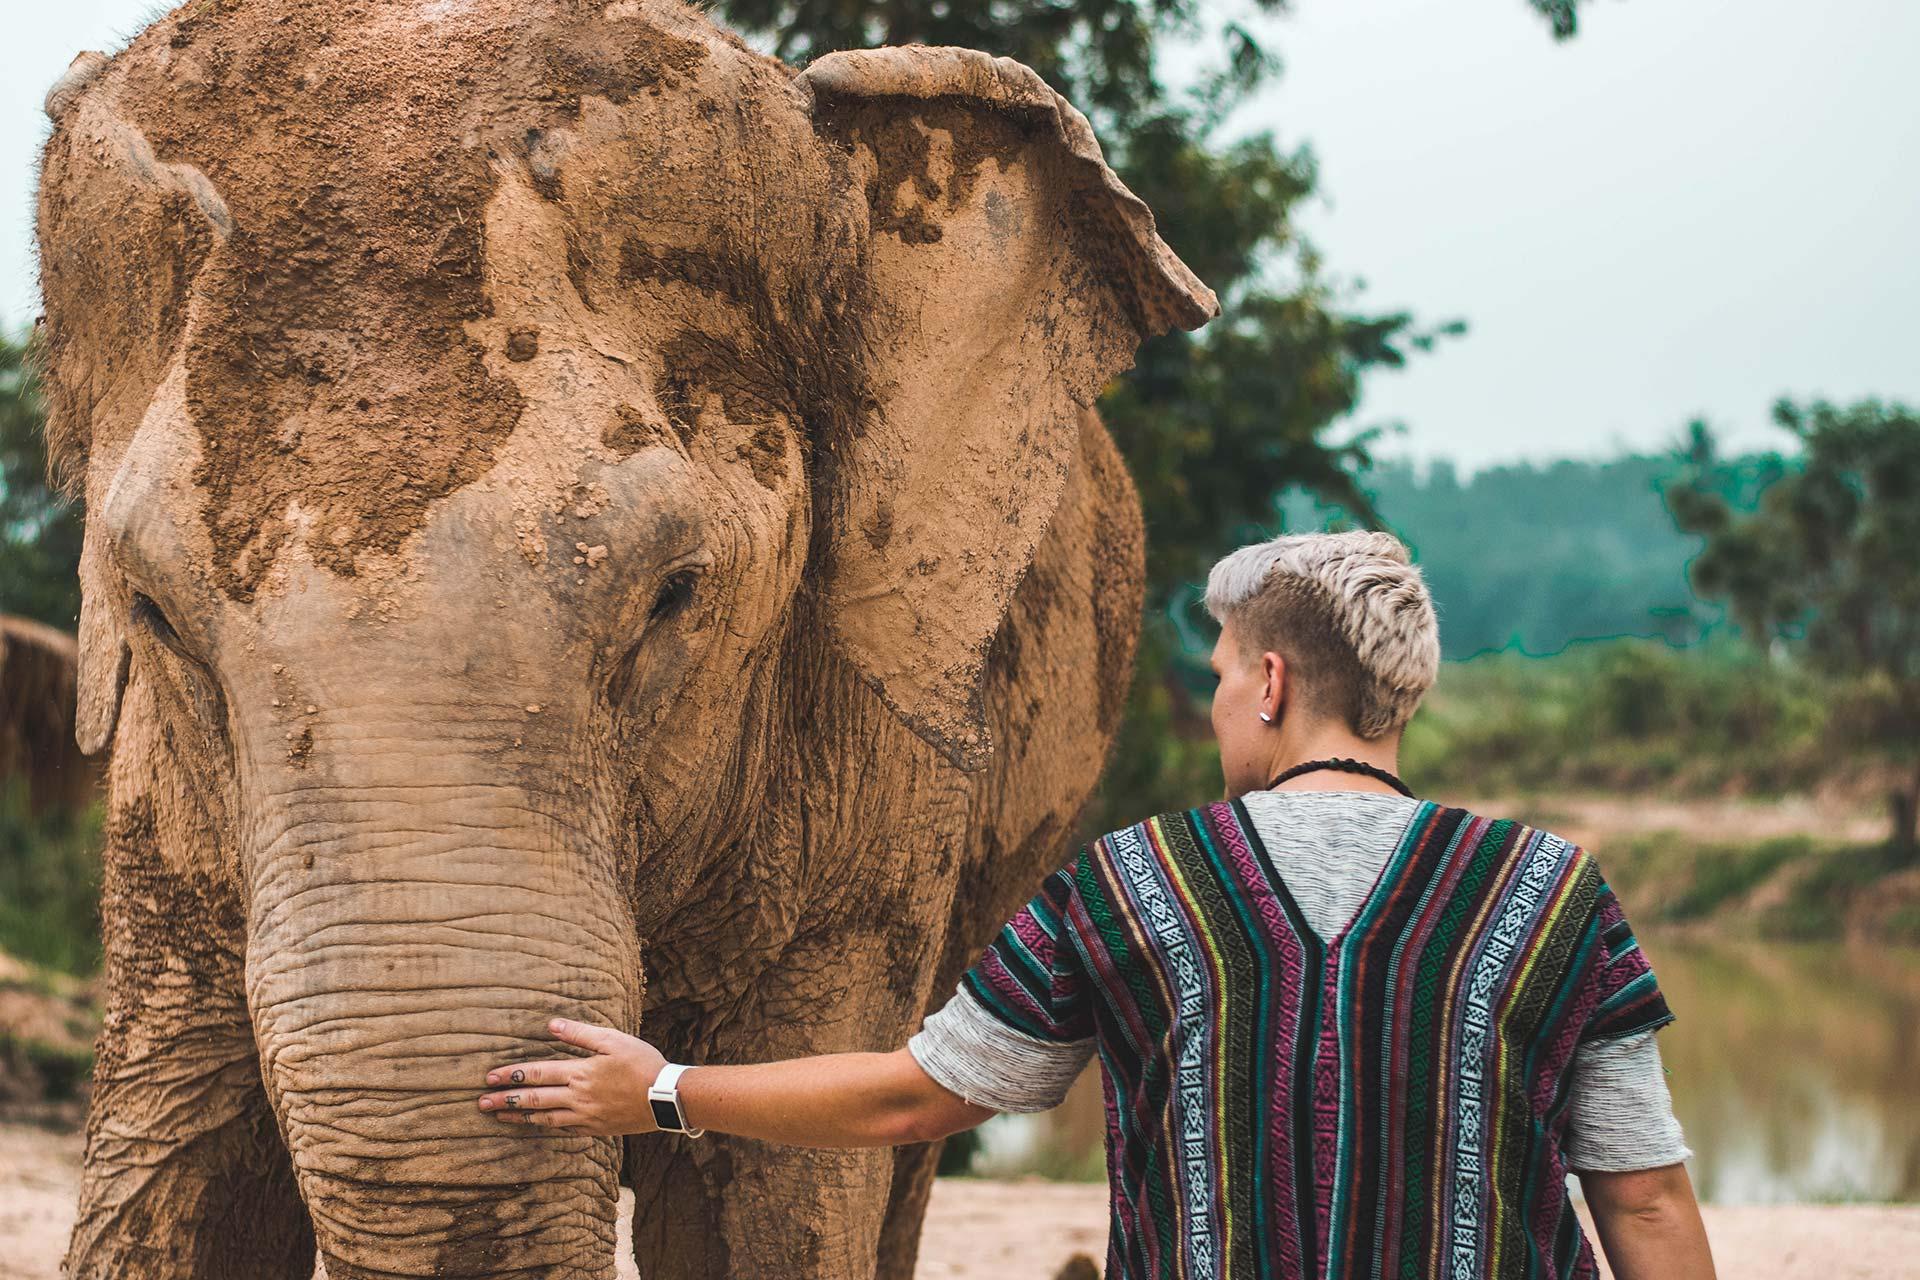 Soigneur animalier caressant un éléphant